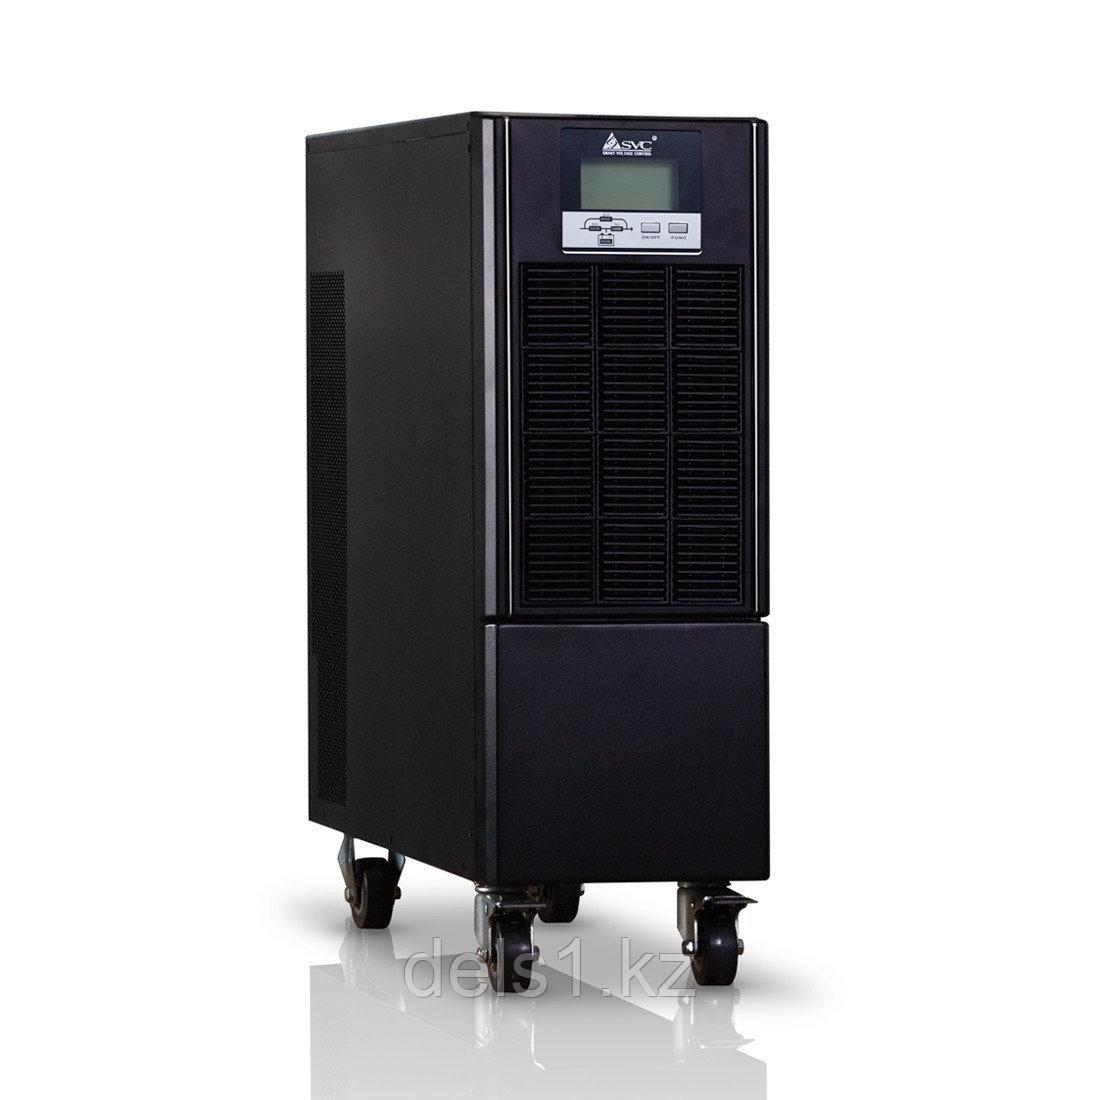 Трехфазный ИБП (UPS) SVC GT31-20KVA